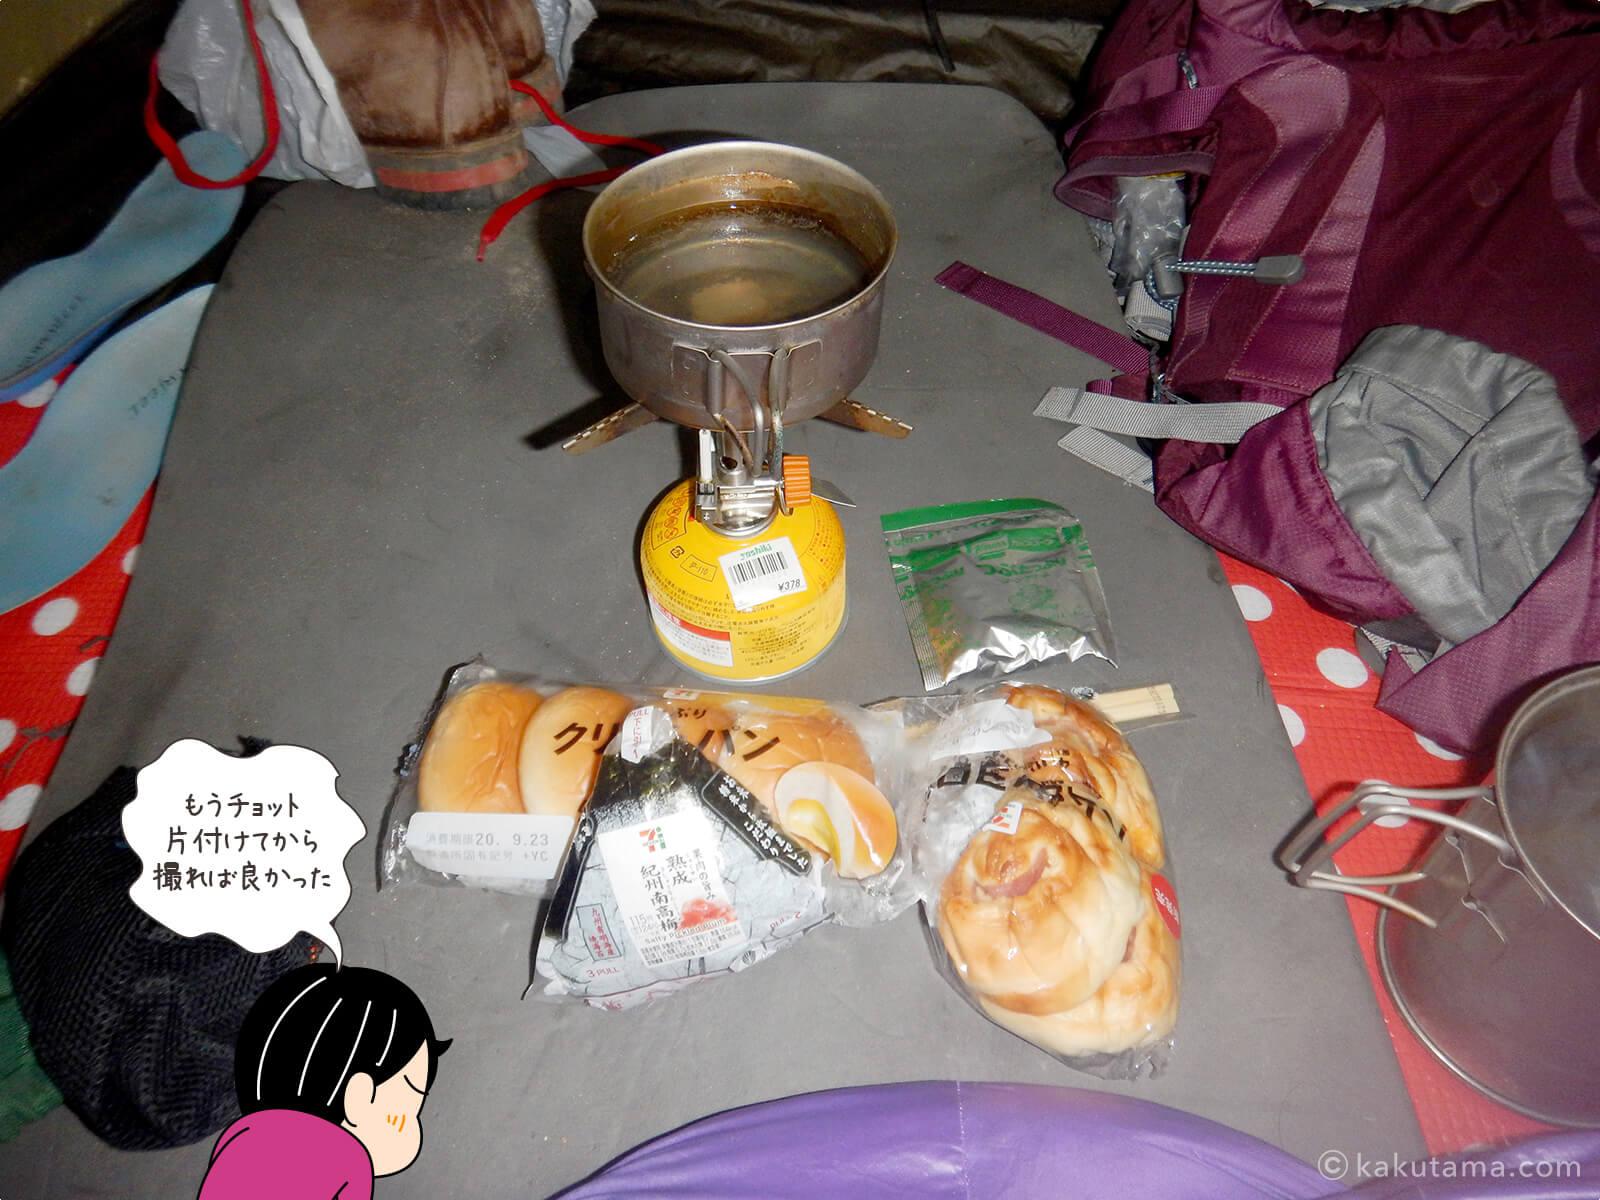 テント泊時の食事